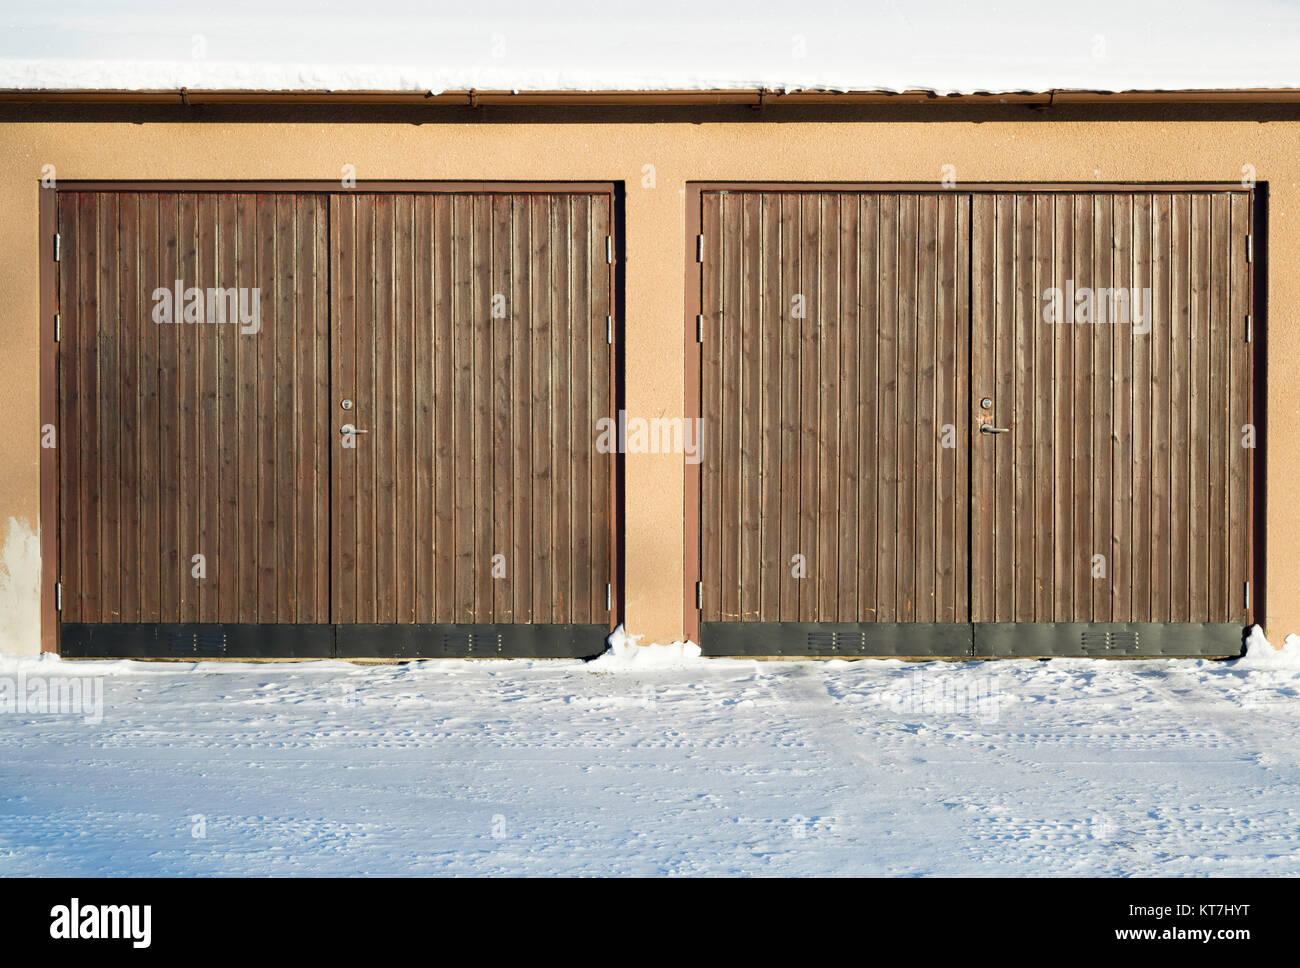 Wooden Garage Doors Stock Photos Wooden Garage Doors Stock Images